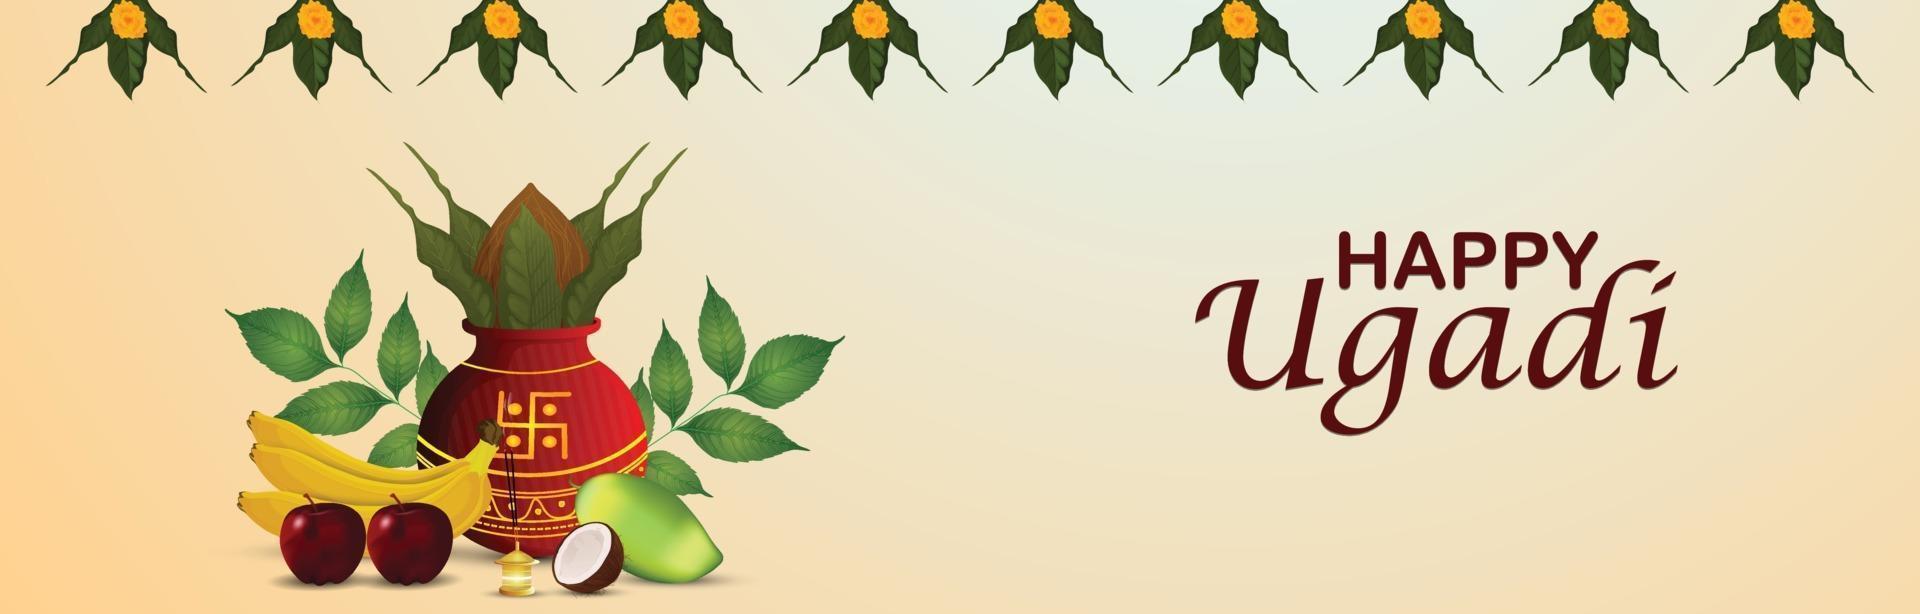 bannière de célébration joyeux gudi padwa avec kalash réaliste vecteur